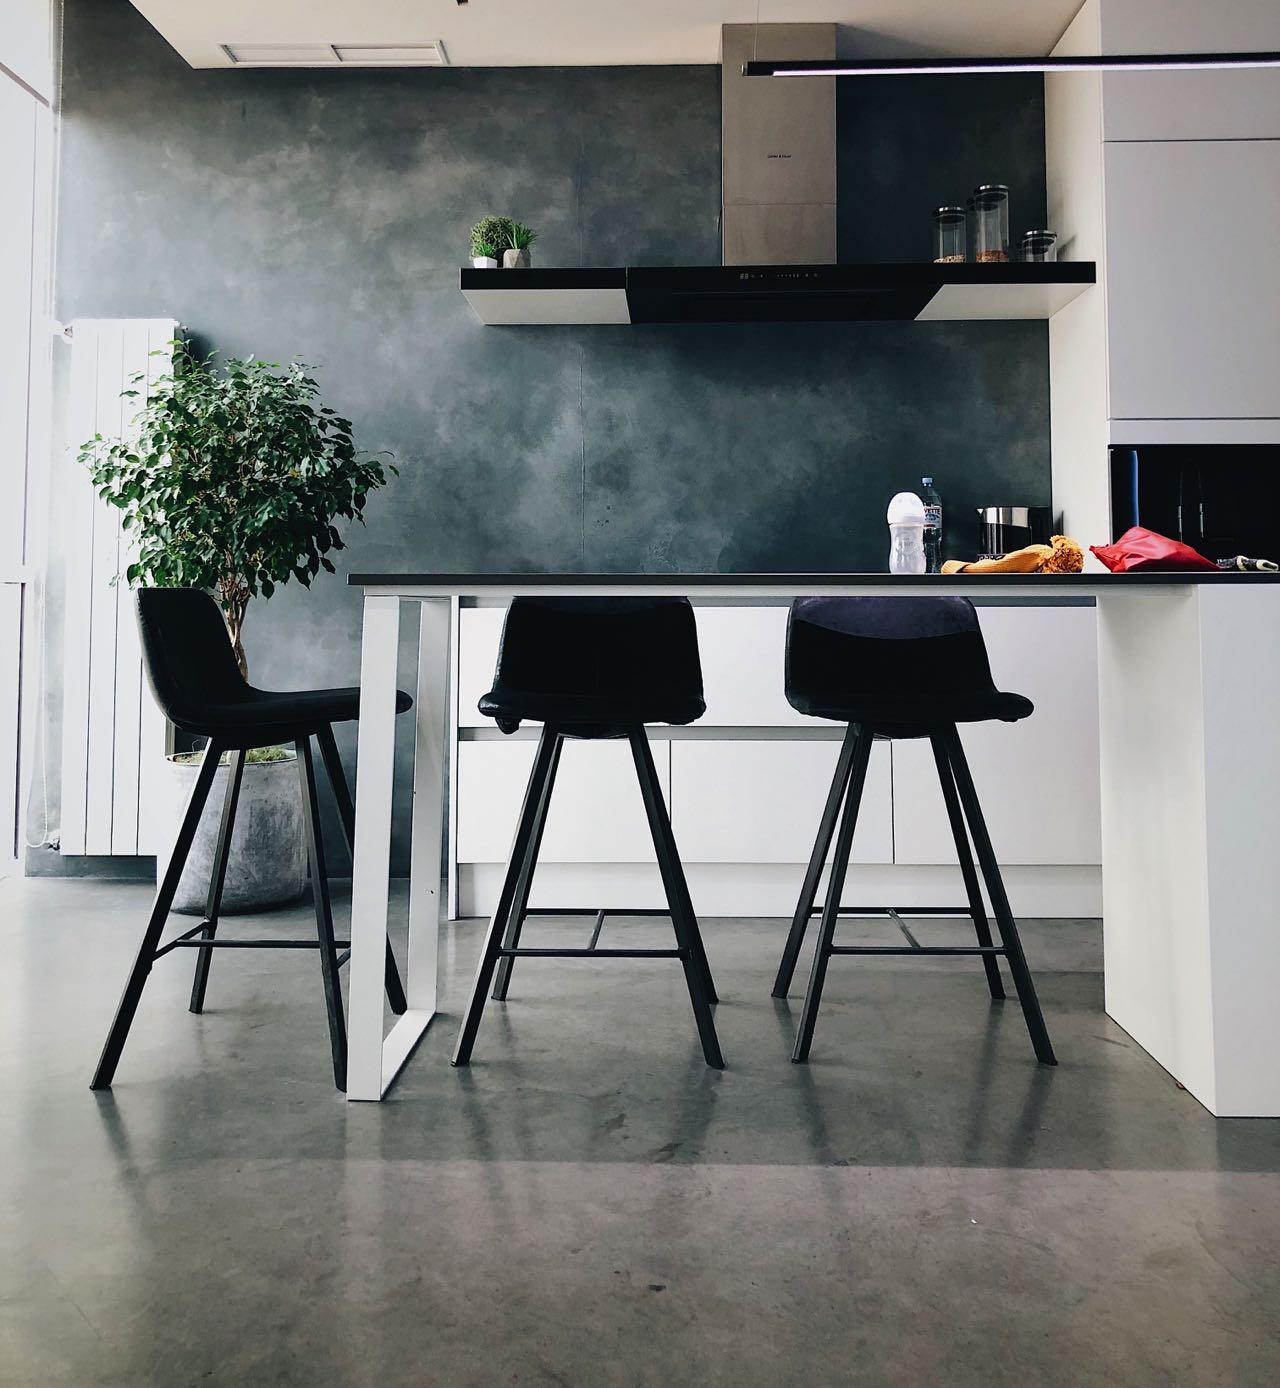 Strapazierfähige Küchenböden sind für eine hochwertige Küche